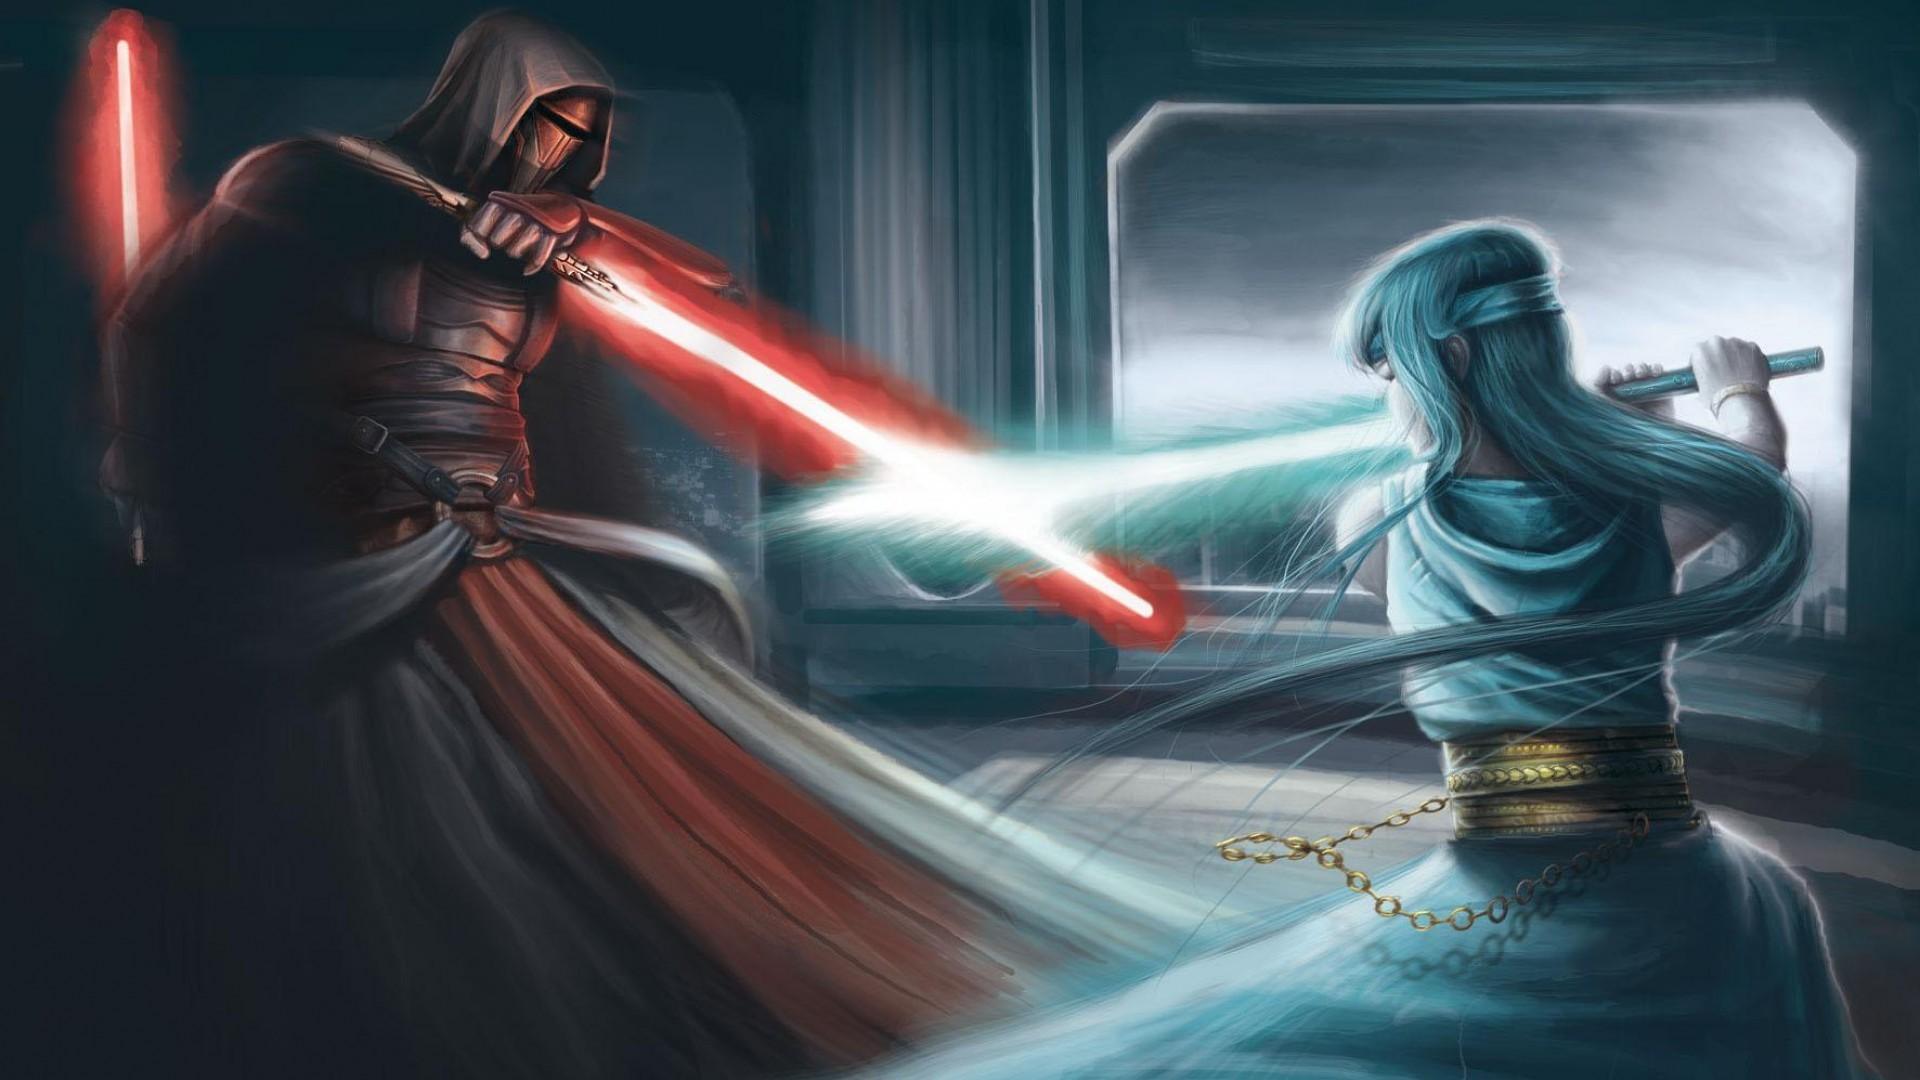 Wallpaper Star Wars Sword Lightsaber Demon Fighting Darth